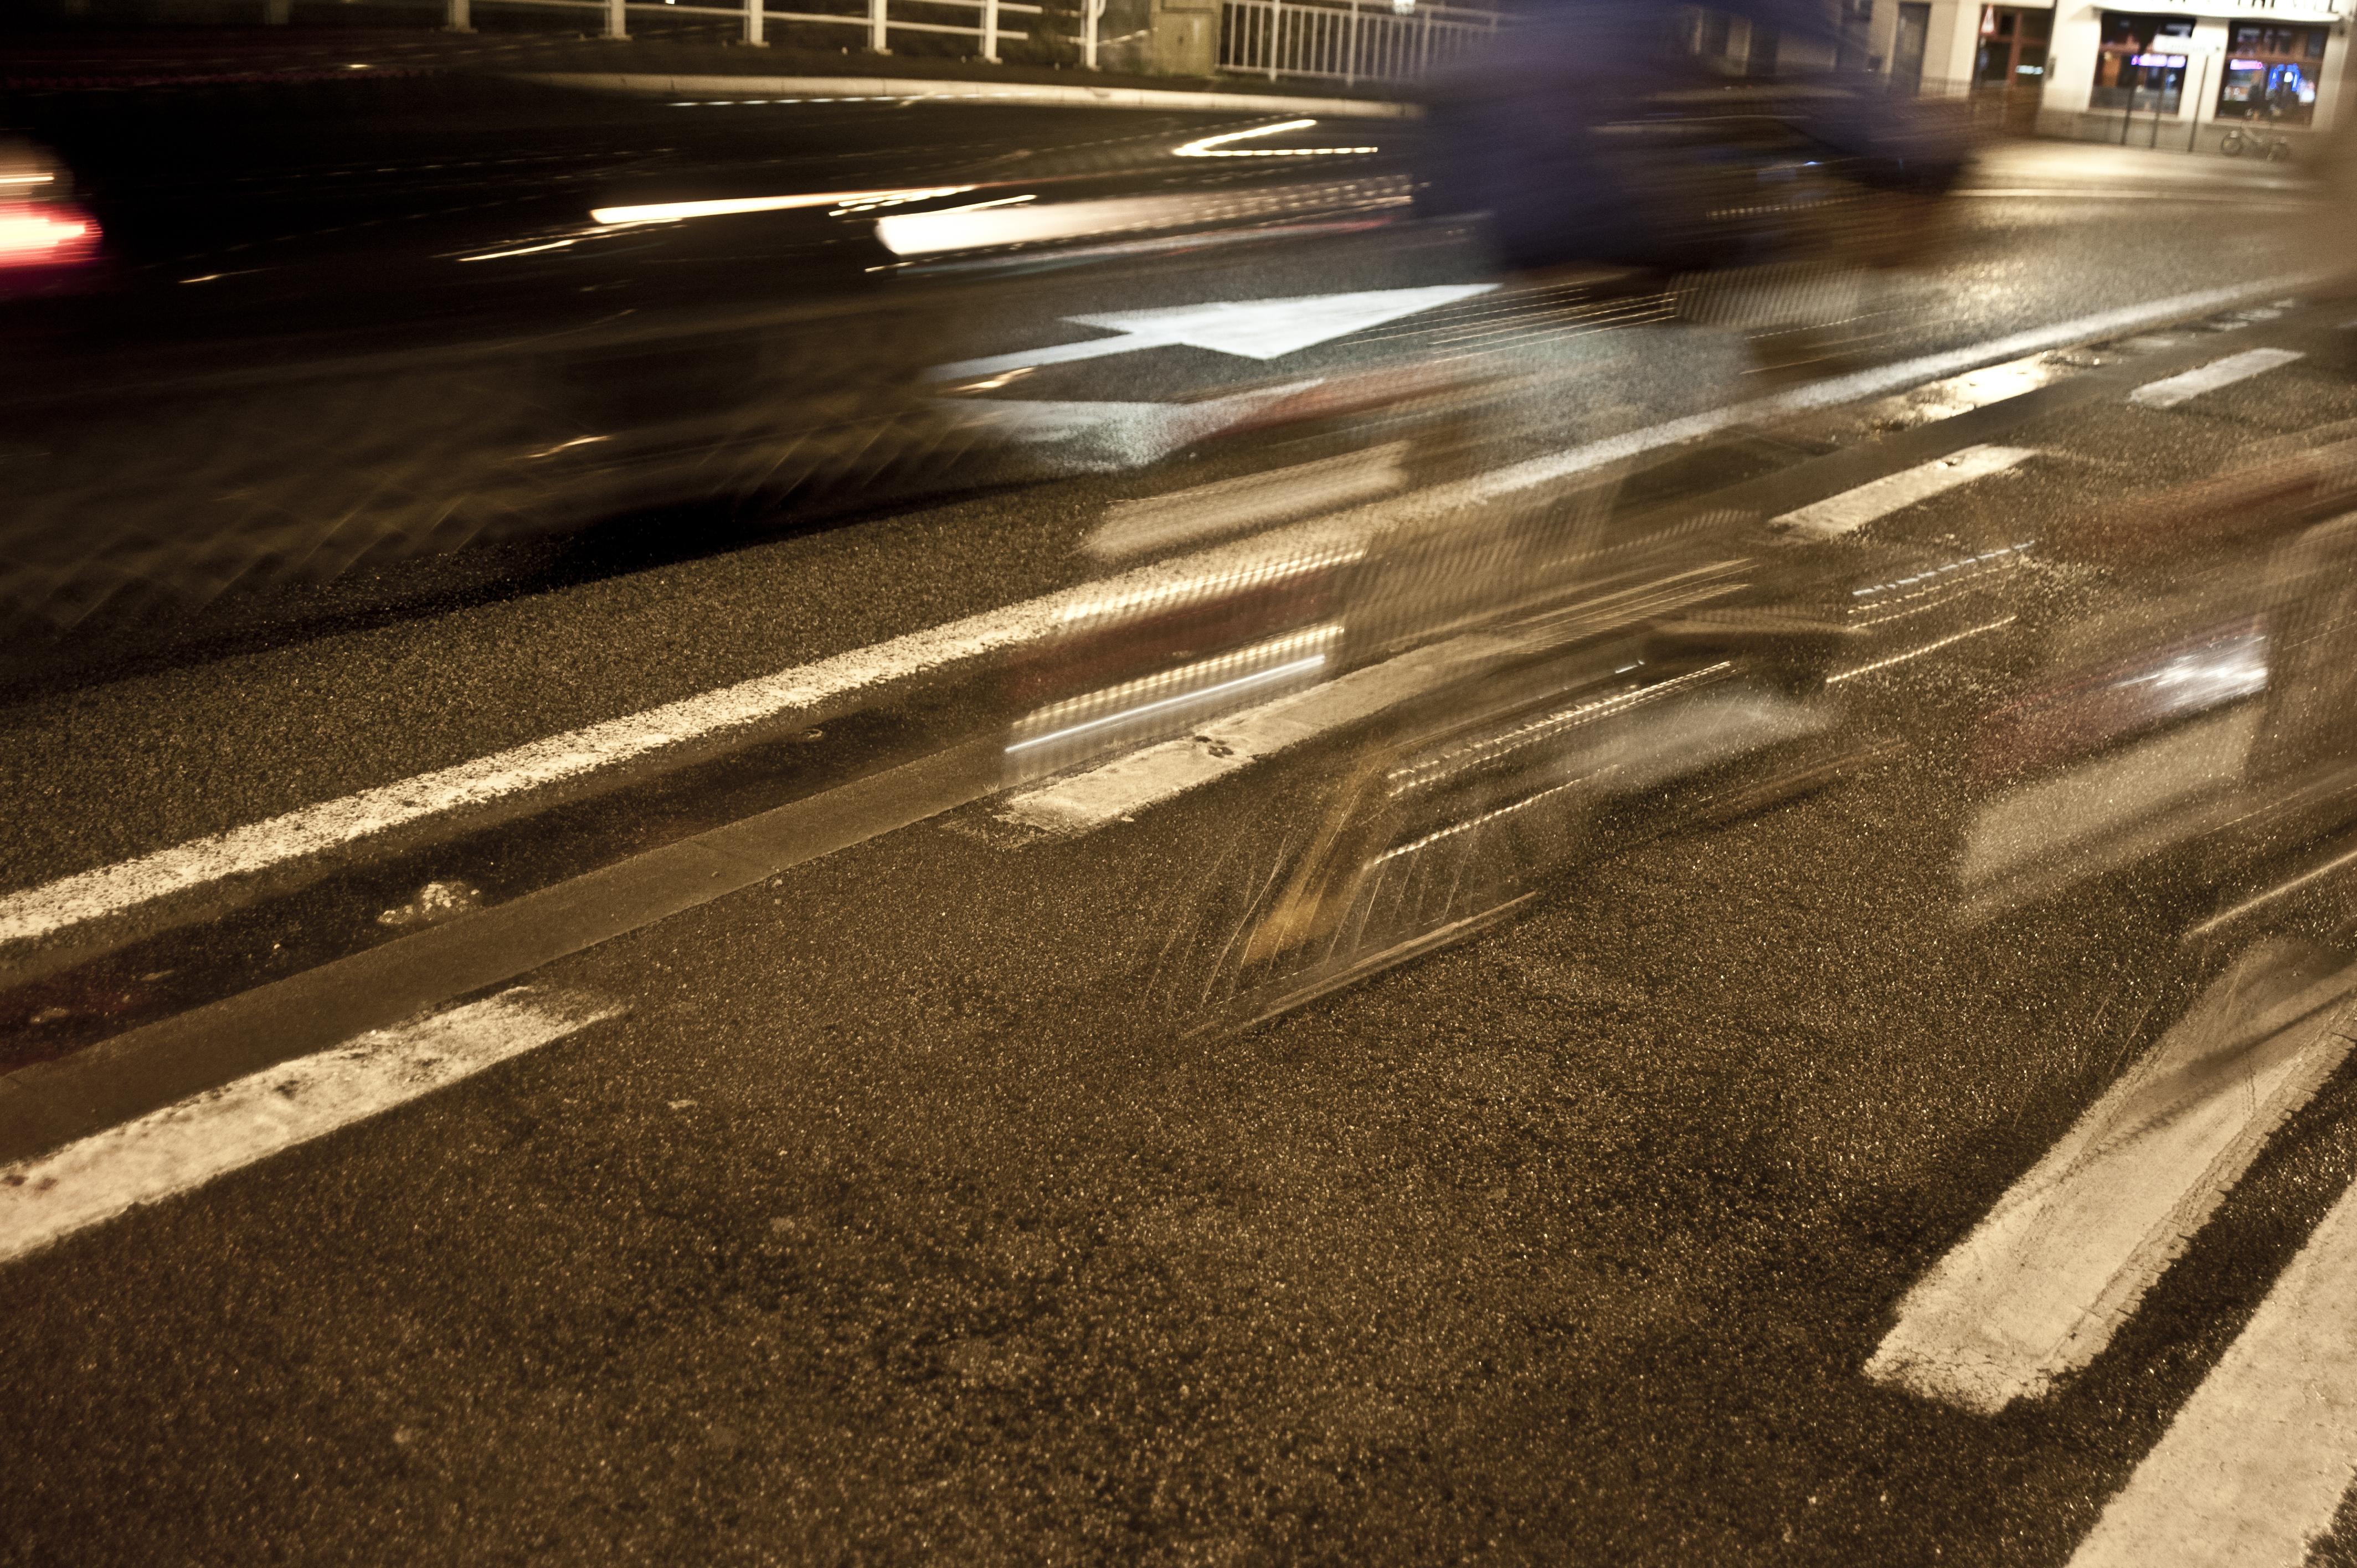 veiligverkeer.be | Boetes en straffen verlichting